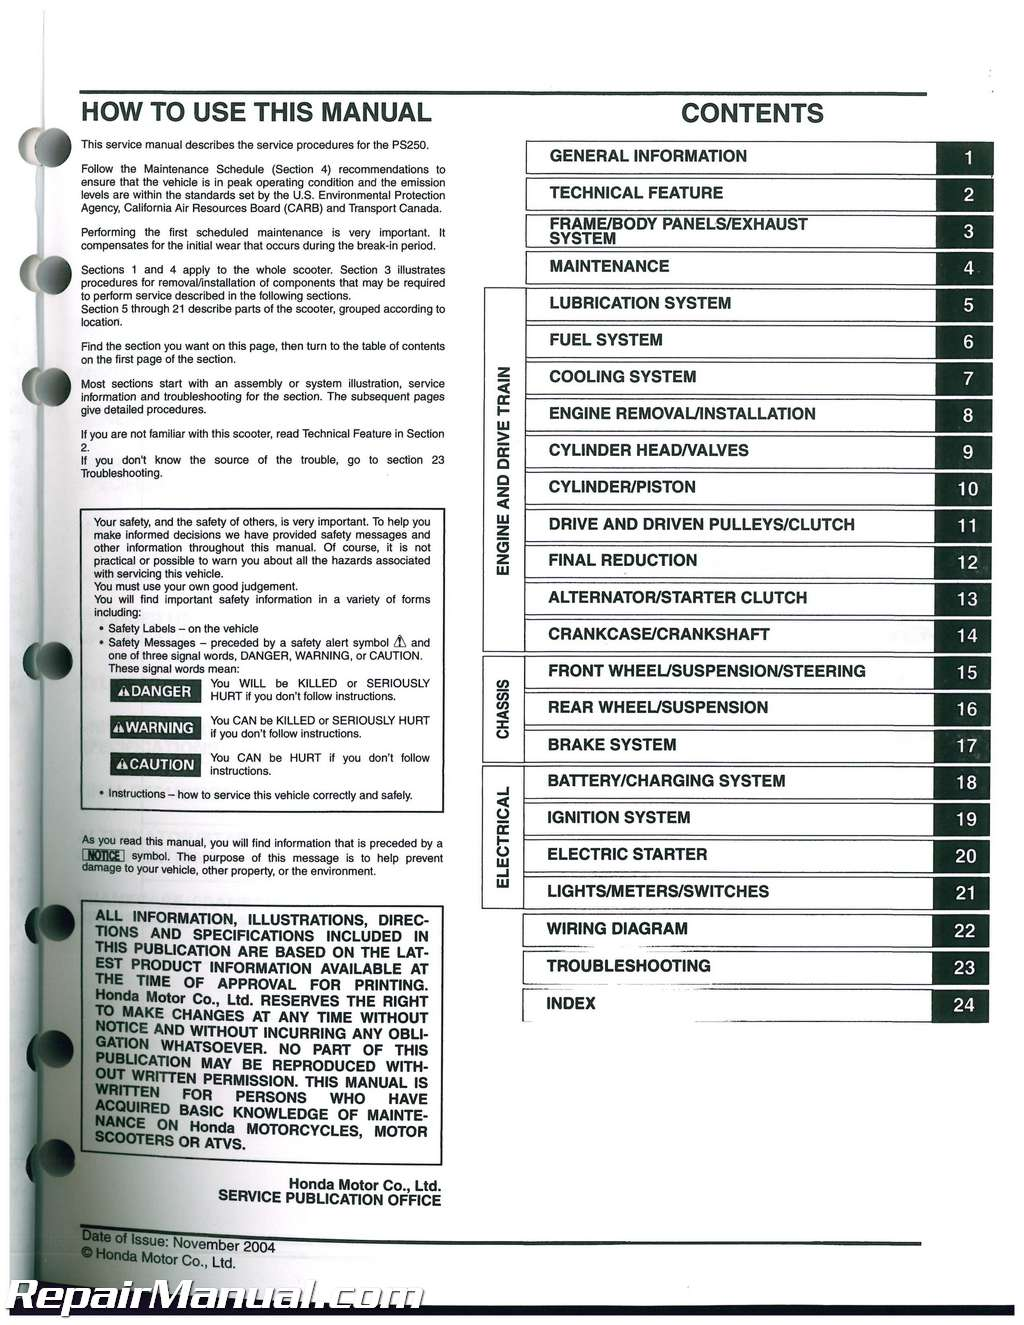 2012 Honda Ruckus Service Manual